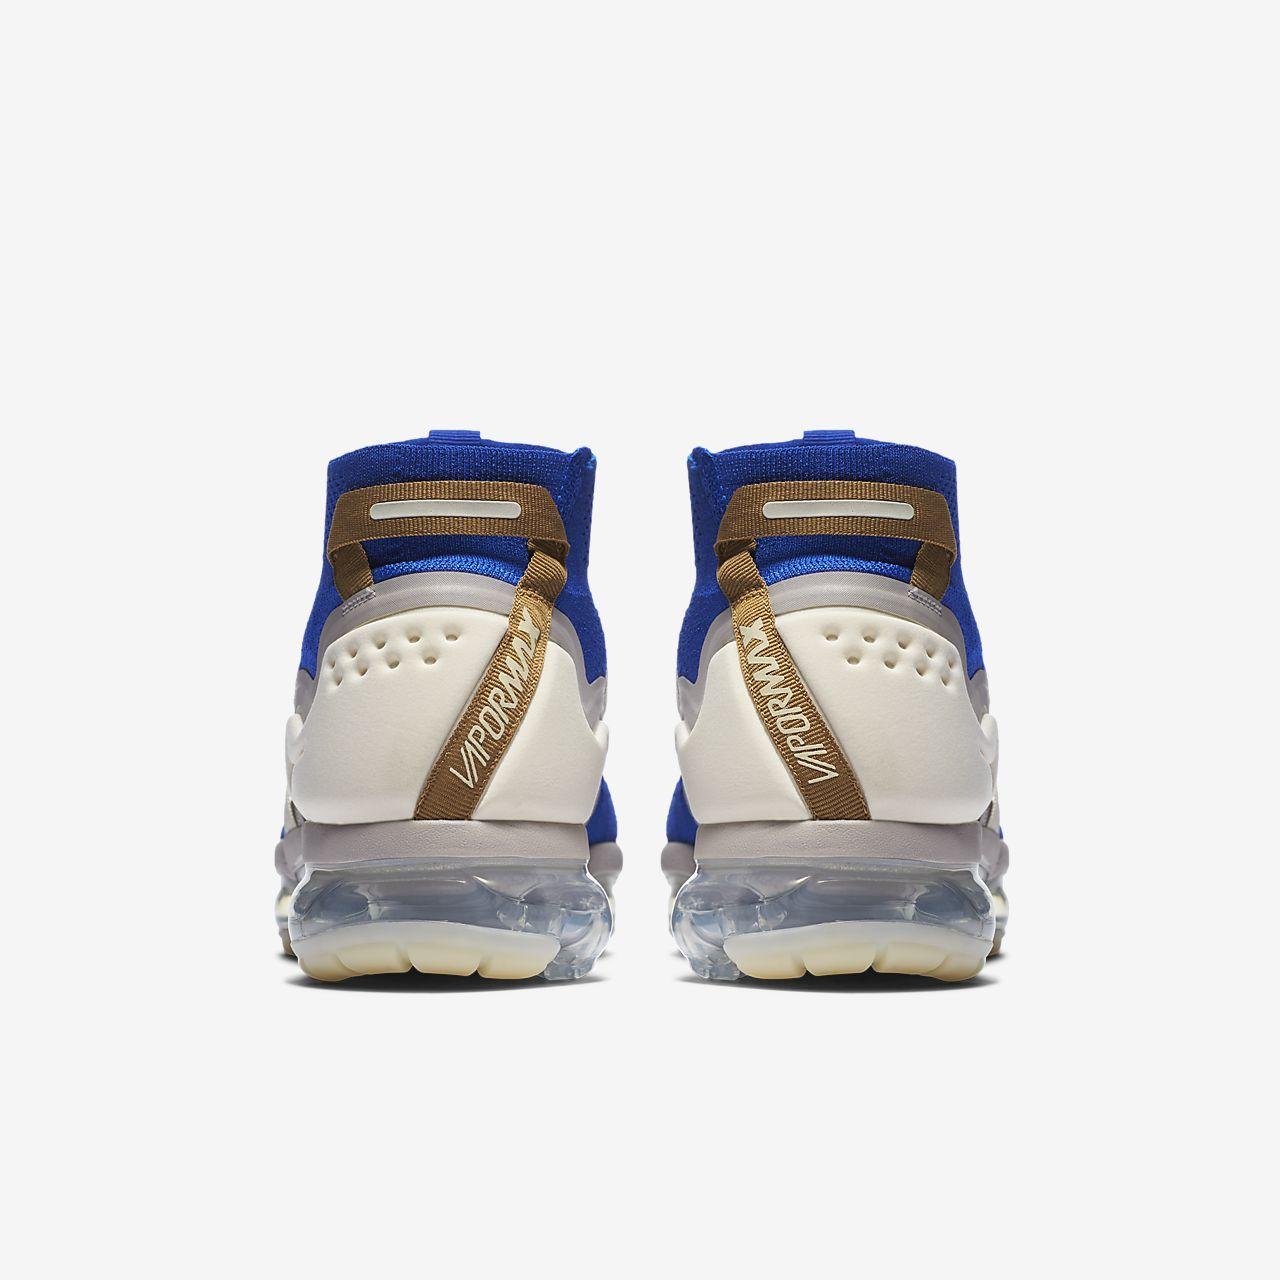 8d62e6f7bada1 Nike Air VaporMax Flyknit Utility Shoe. Nike.com